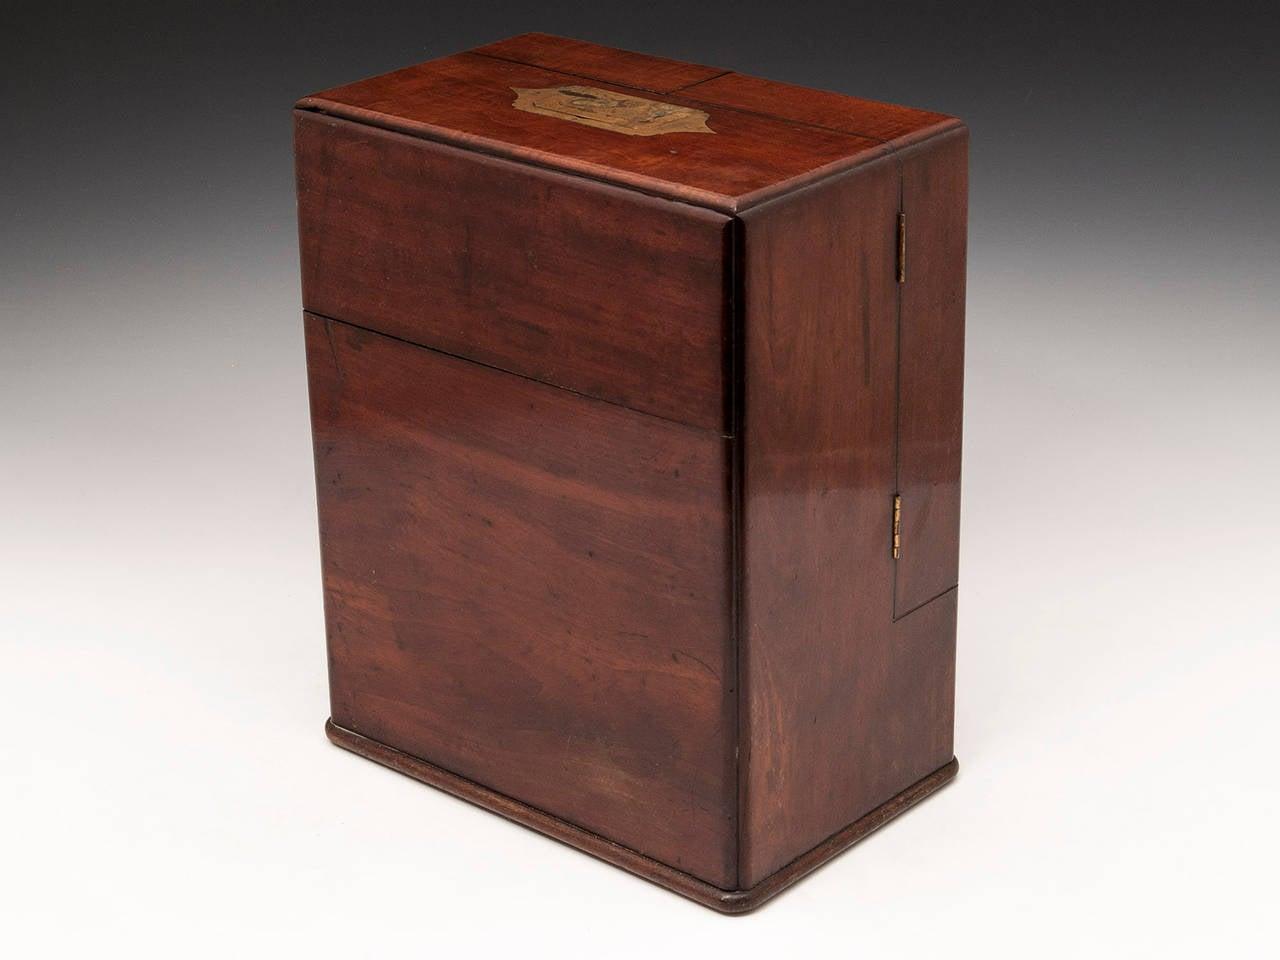 Apothecary Box 5